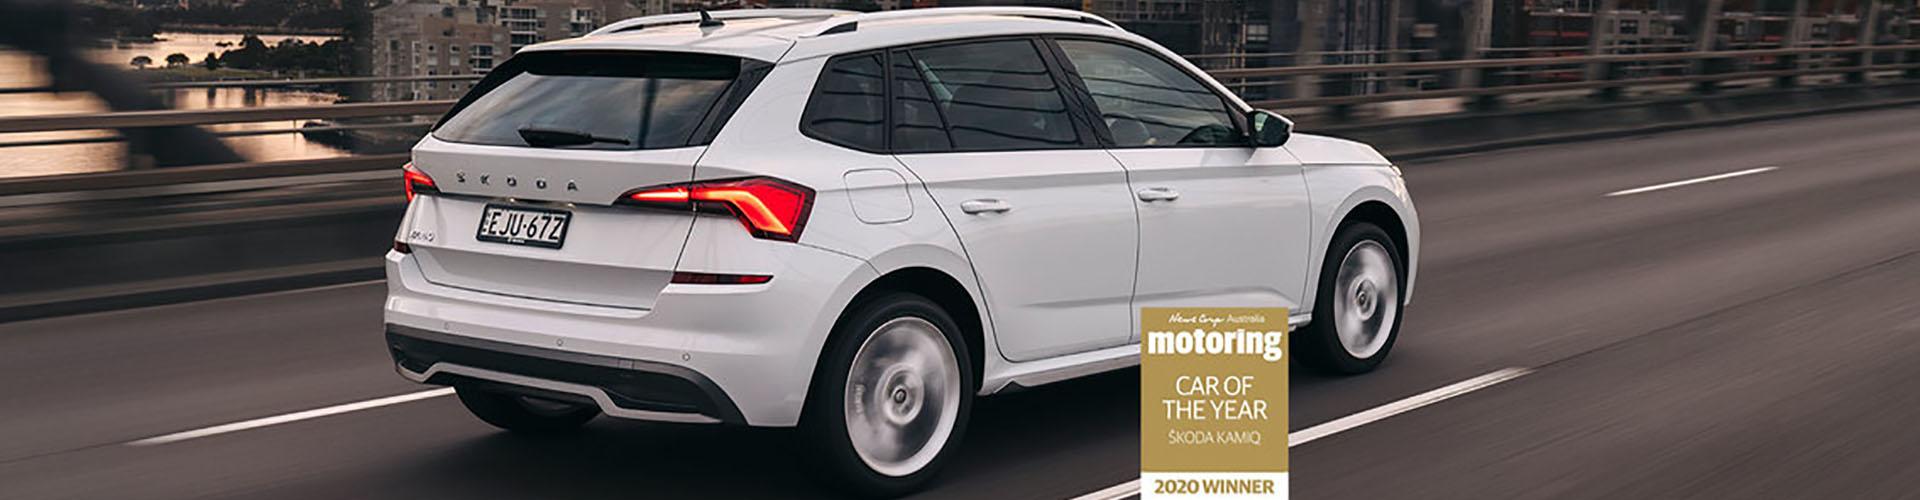 Skoda Kamiq Newscorp Car of the Year 2020